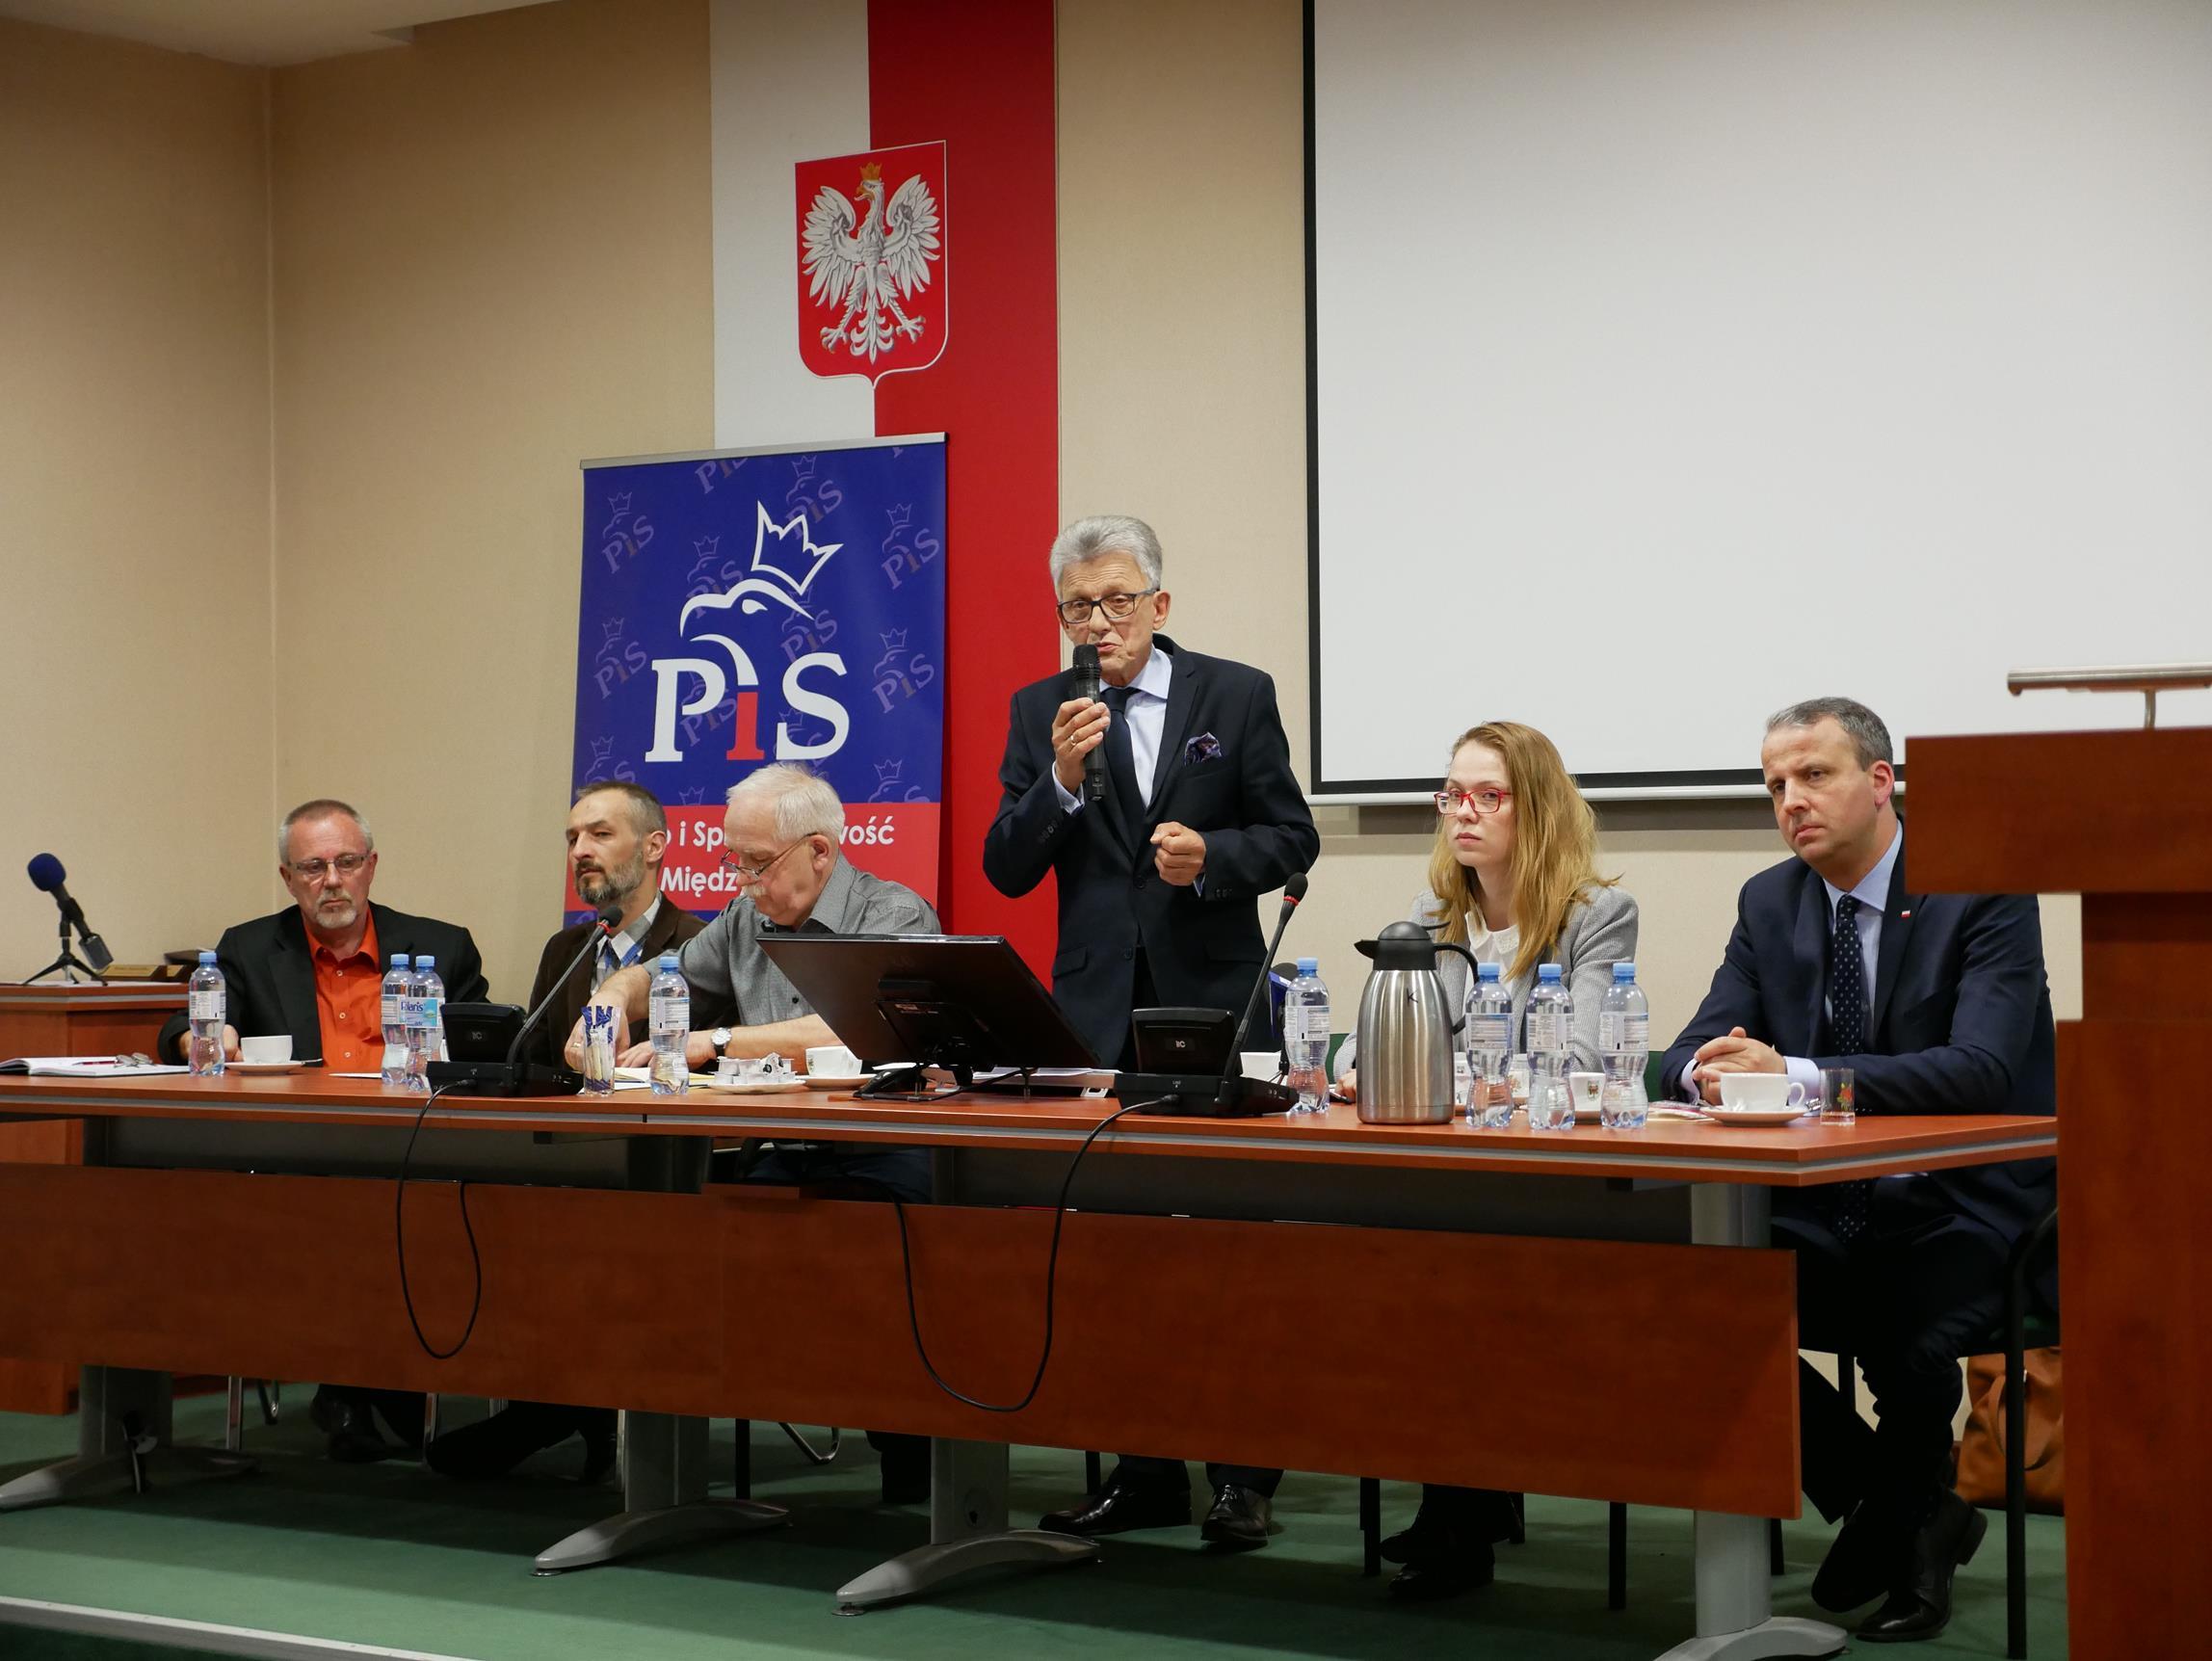 Stanisław Piotrowicz: Pokazujemy, że w polityce można i trzeba być wiarygodnym